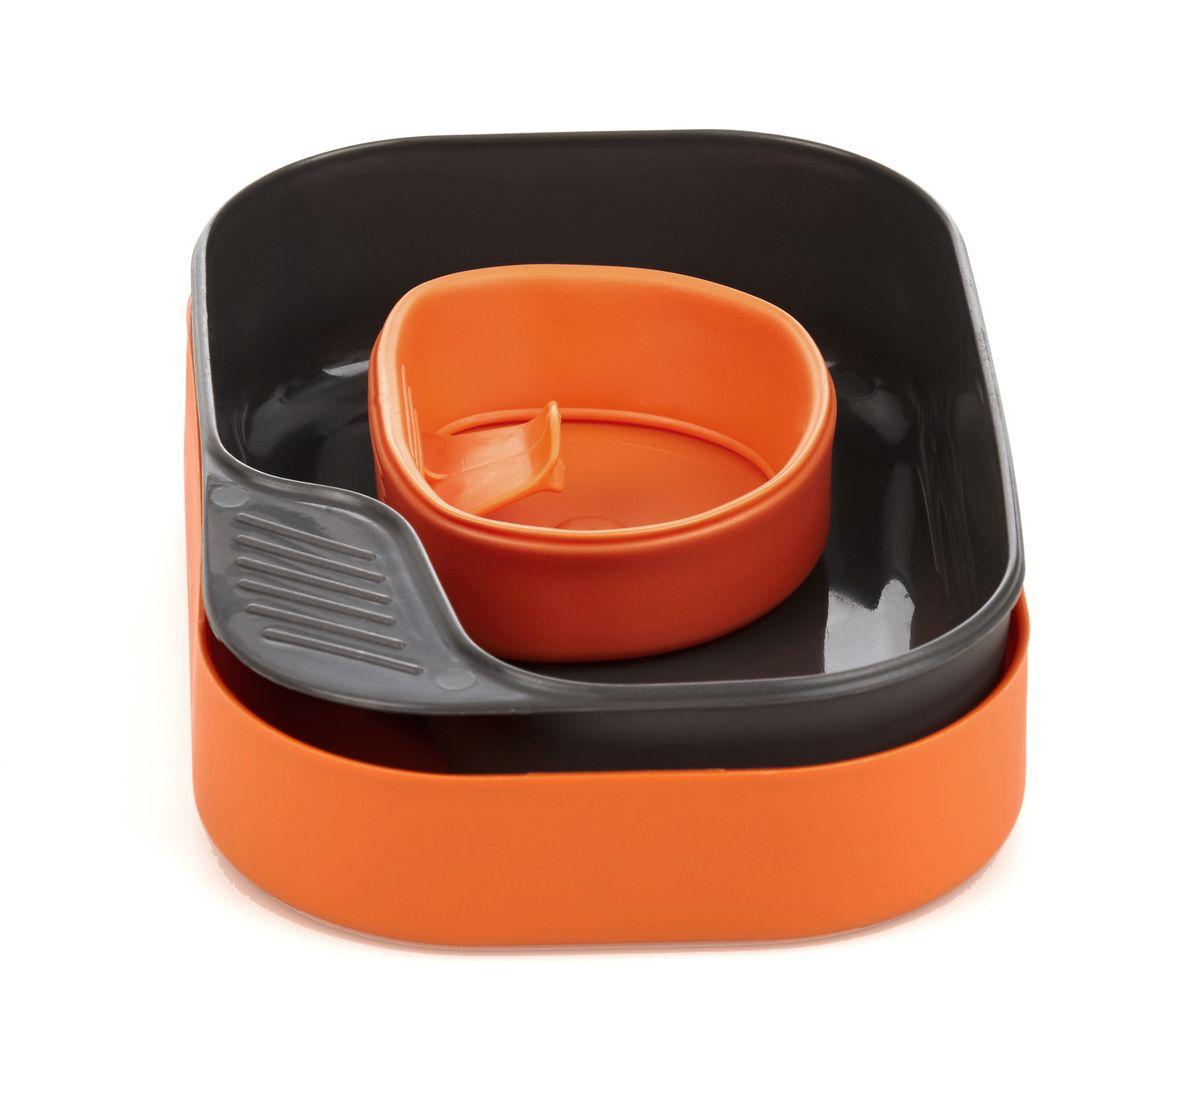 Набор посуды Wildo Camp-a-Box Basic, портативный, цвет: оранжевый. W30262W30262CAMP-A-BOX® Необходимость в природе, от дня в день, от человека к человеку может меняться. Но знание того, что вы всегда хорошо оснащены и экипированы неизменно. Проверенный в шведских условиях на протяжении десятилетий - это наш оригинальный набор CAMP-A-BOX®, которому можно доверять. Оригинальный CAMP-A-BOX® отвечает всем вашим потребностям и поставляется в трех вариантах, все с компактным и практичным дизайном: Портативный набор посуды CAMP-A-BOX® BASIC Комплектация: БАЗОВАЯ. Подходит идеально, если вы просто хотите, упаковать бутерброды в контейнер и выпить чашку любимого напитка. Включает в себя: - нижнюю часть контейнера (она же средняя тарелка) - верхнюю часть контейнера - крышка (она же большая тарелка ), - и кружку Fold-A-Cup®, Не содержит бисфенол. Вес: 140 г / 4,7 унции Размер: 19x13x5 см / 7,5 х 5,1 / 1,97in Материал: PP, TPE